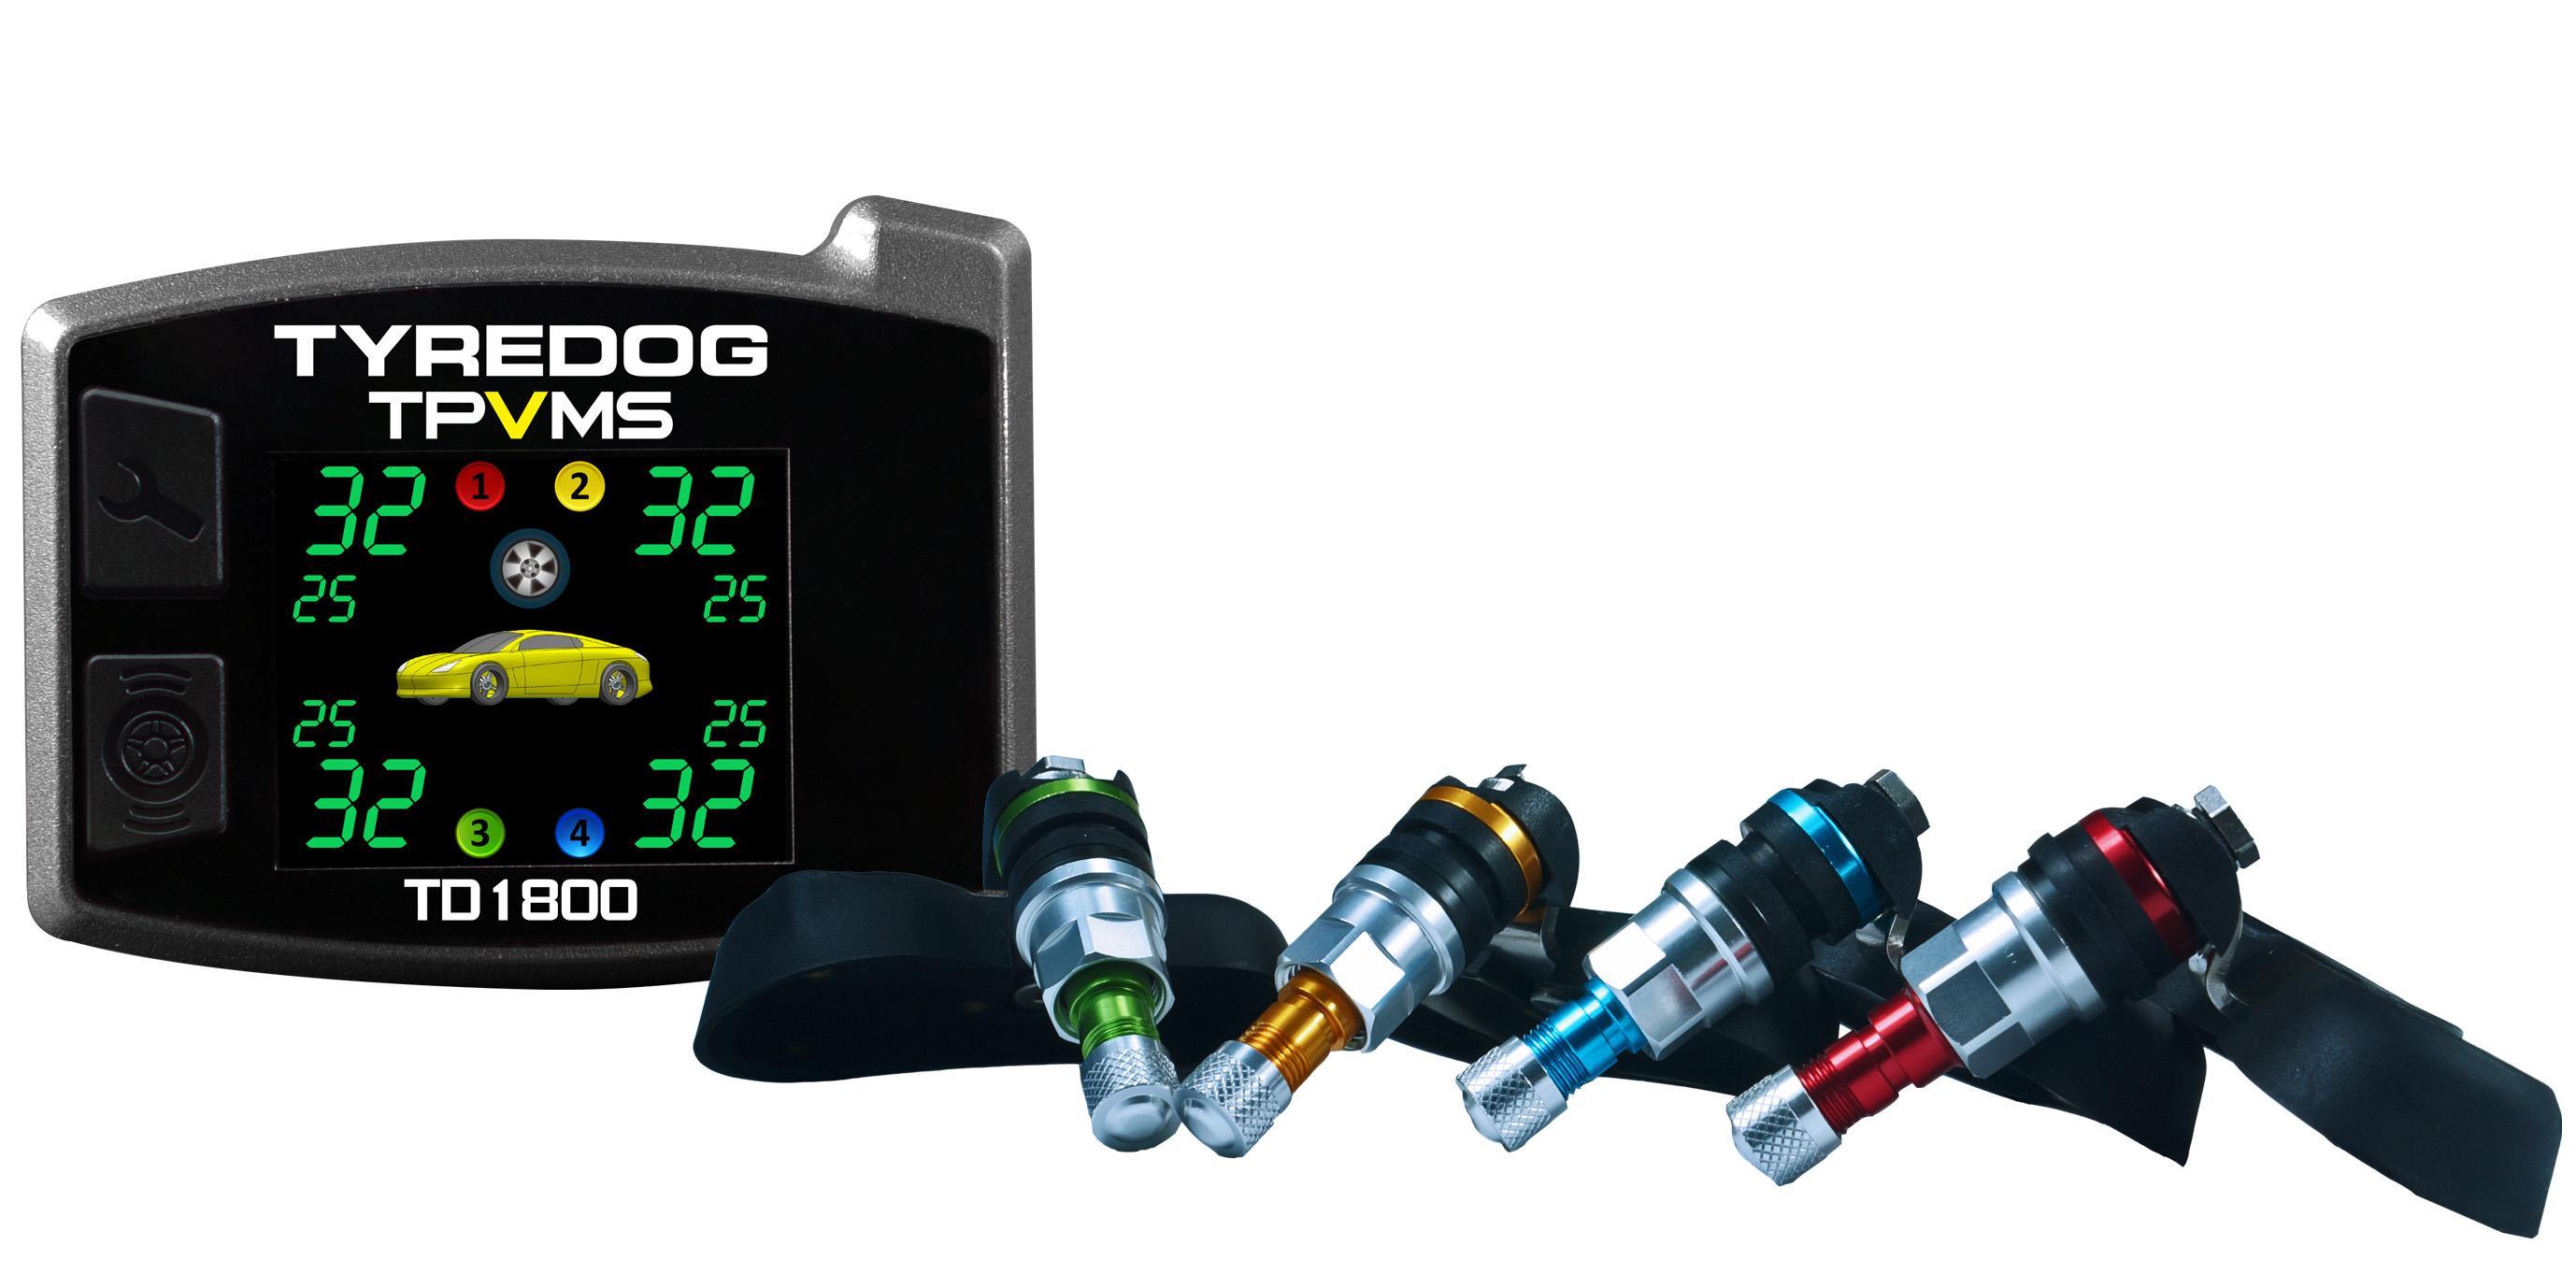 เครื่องวัดลมยาง TyreDog TPMS TD1800A-X-I-04